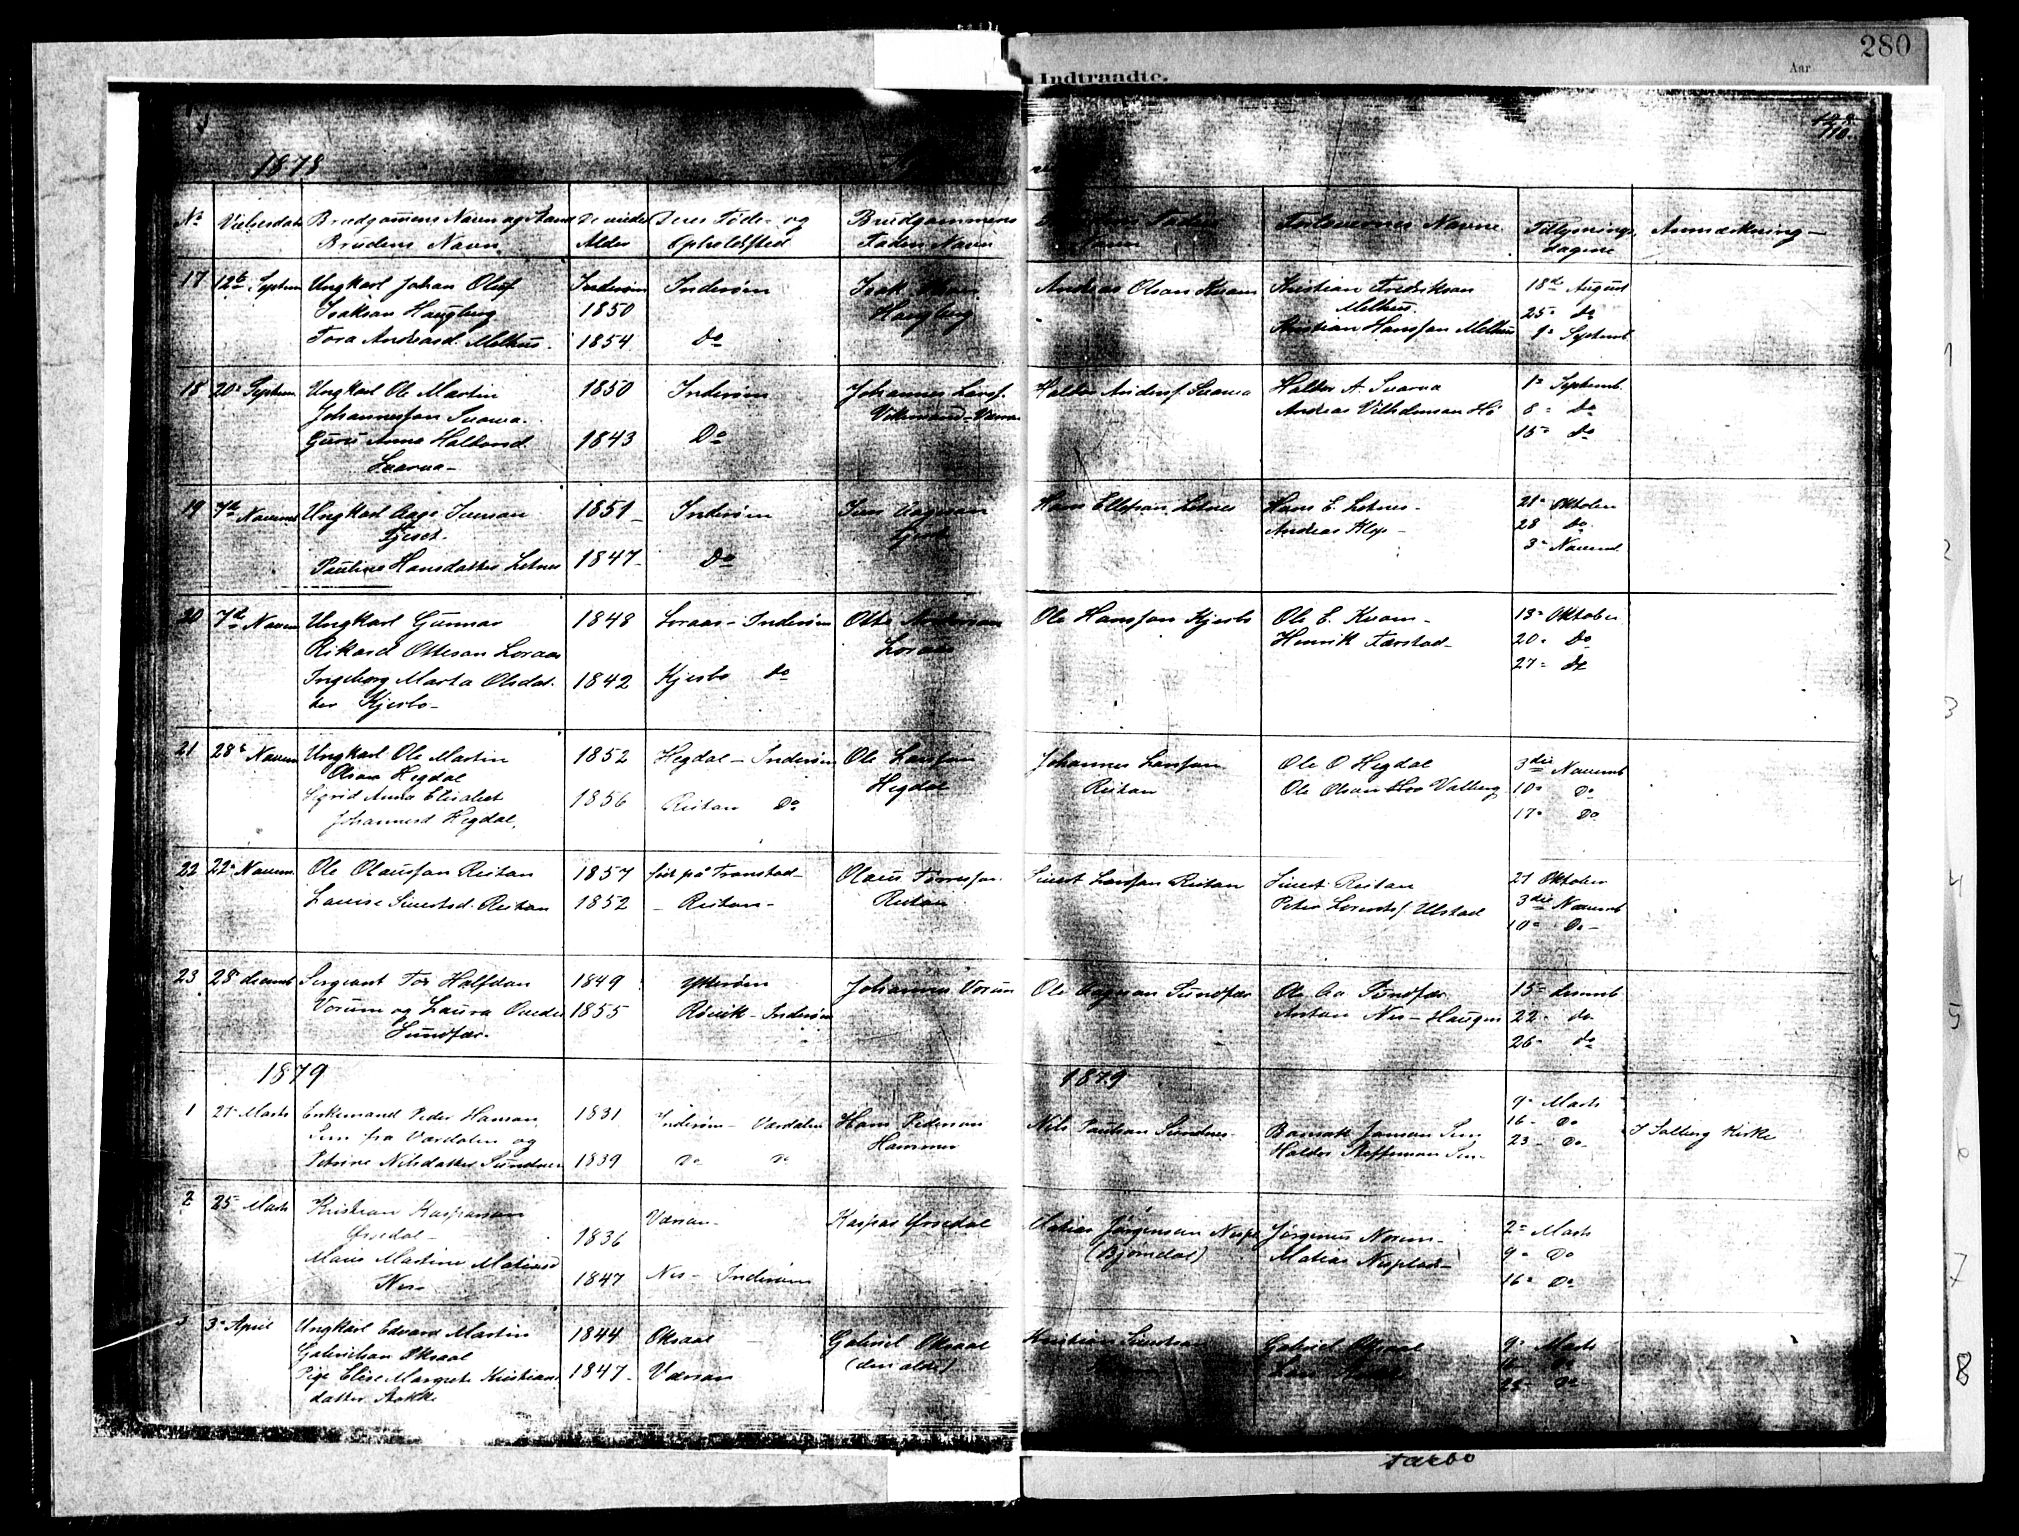 SAT, Ministerialprotokoller, klokkerbøker og fødselsregistre - Nord-Trøndelag, 730/L0285: Ministerialbok nr. 730A10, 1879-1914, s. 110